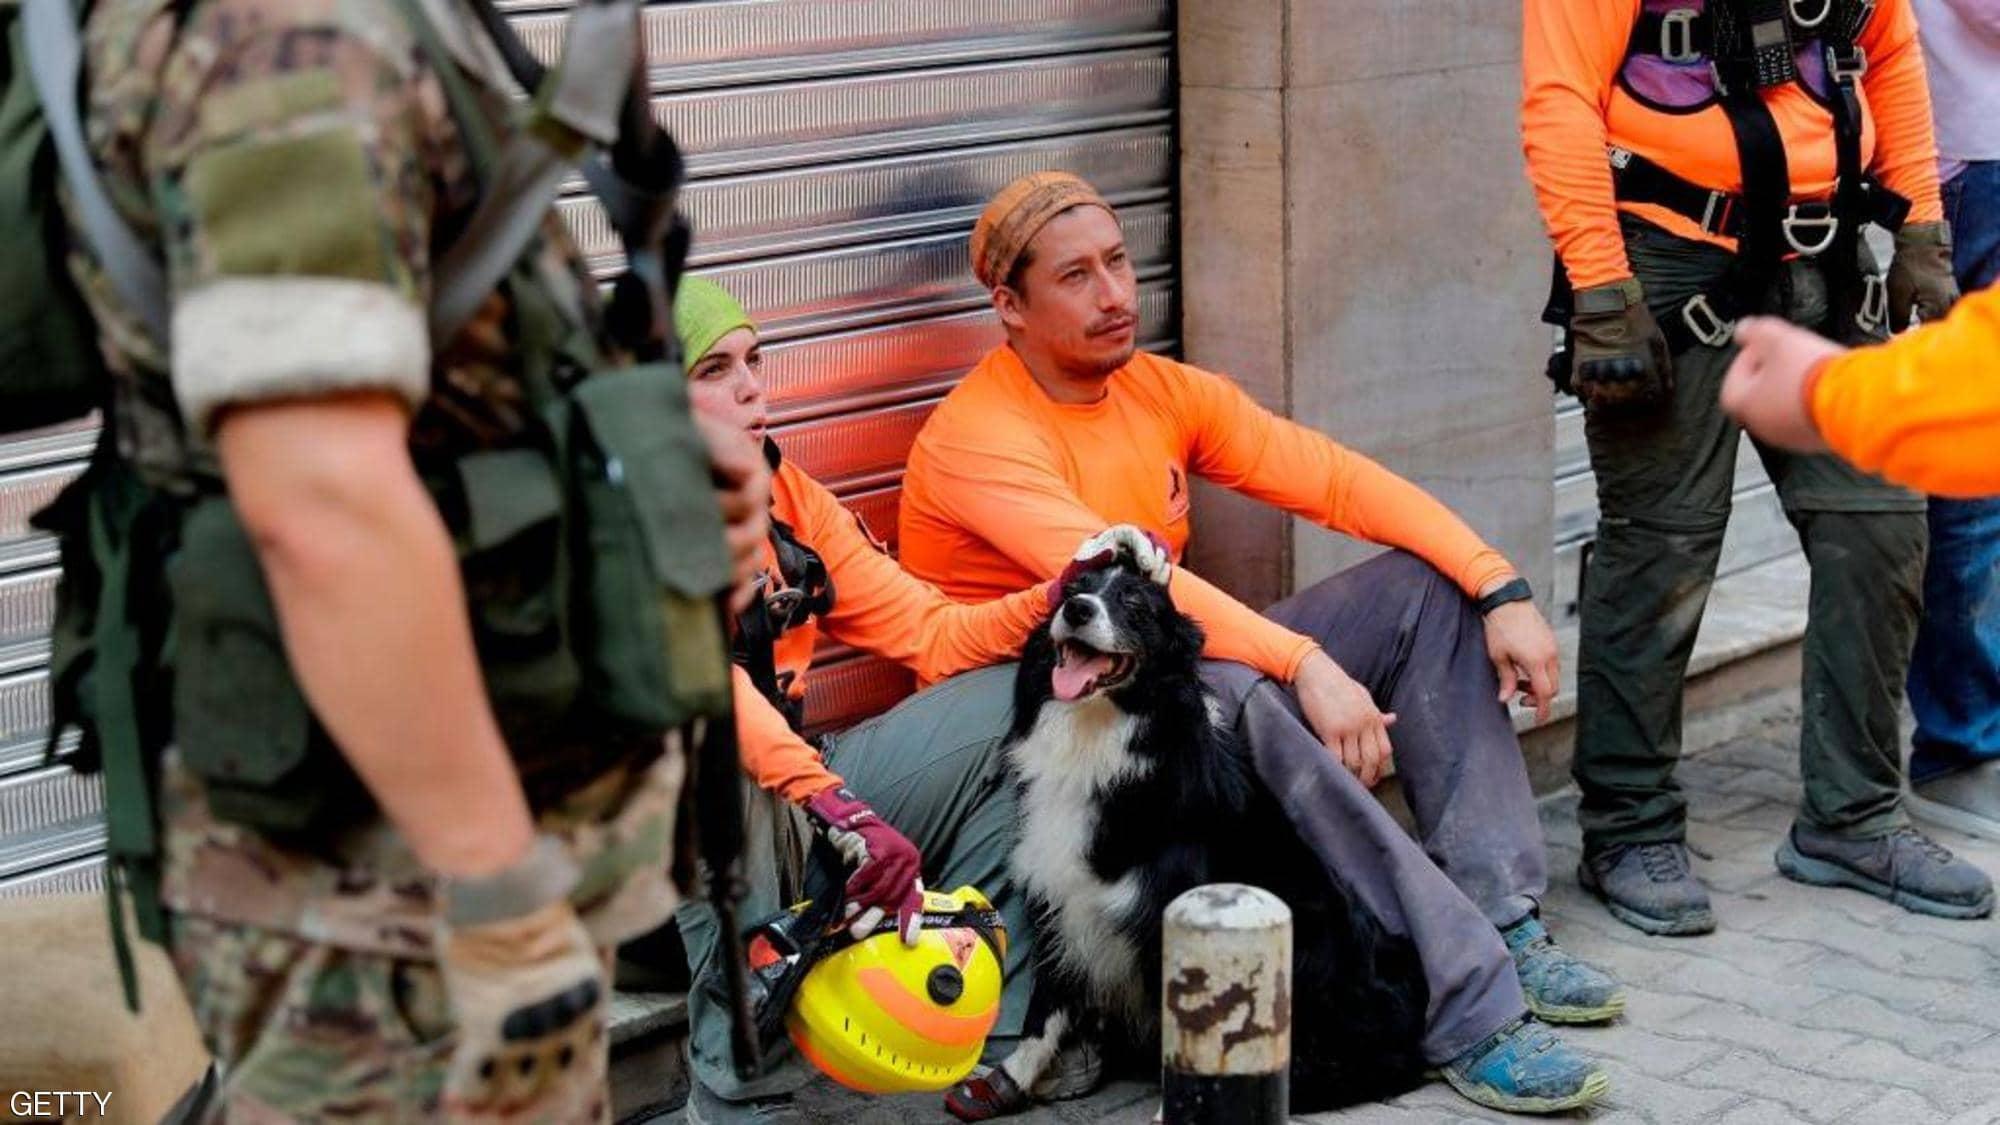 كلب تشيلي في لبنان بعد الانفجار - دنيا يا دنيا